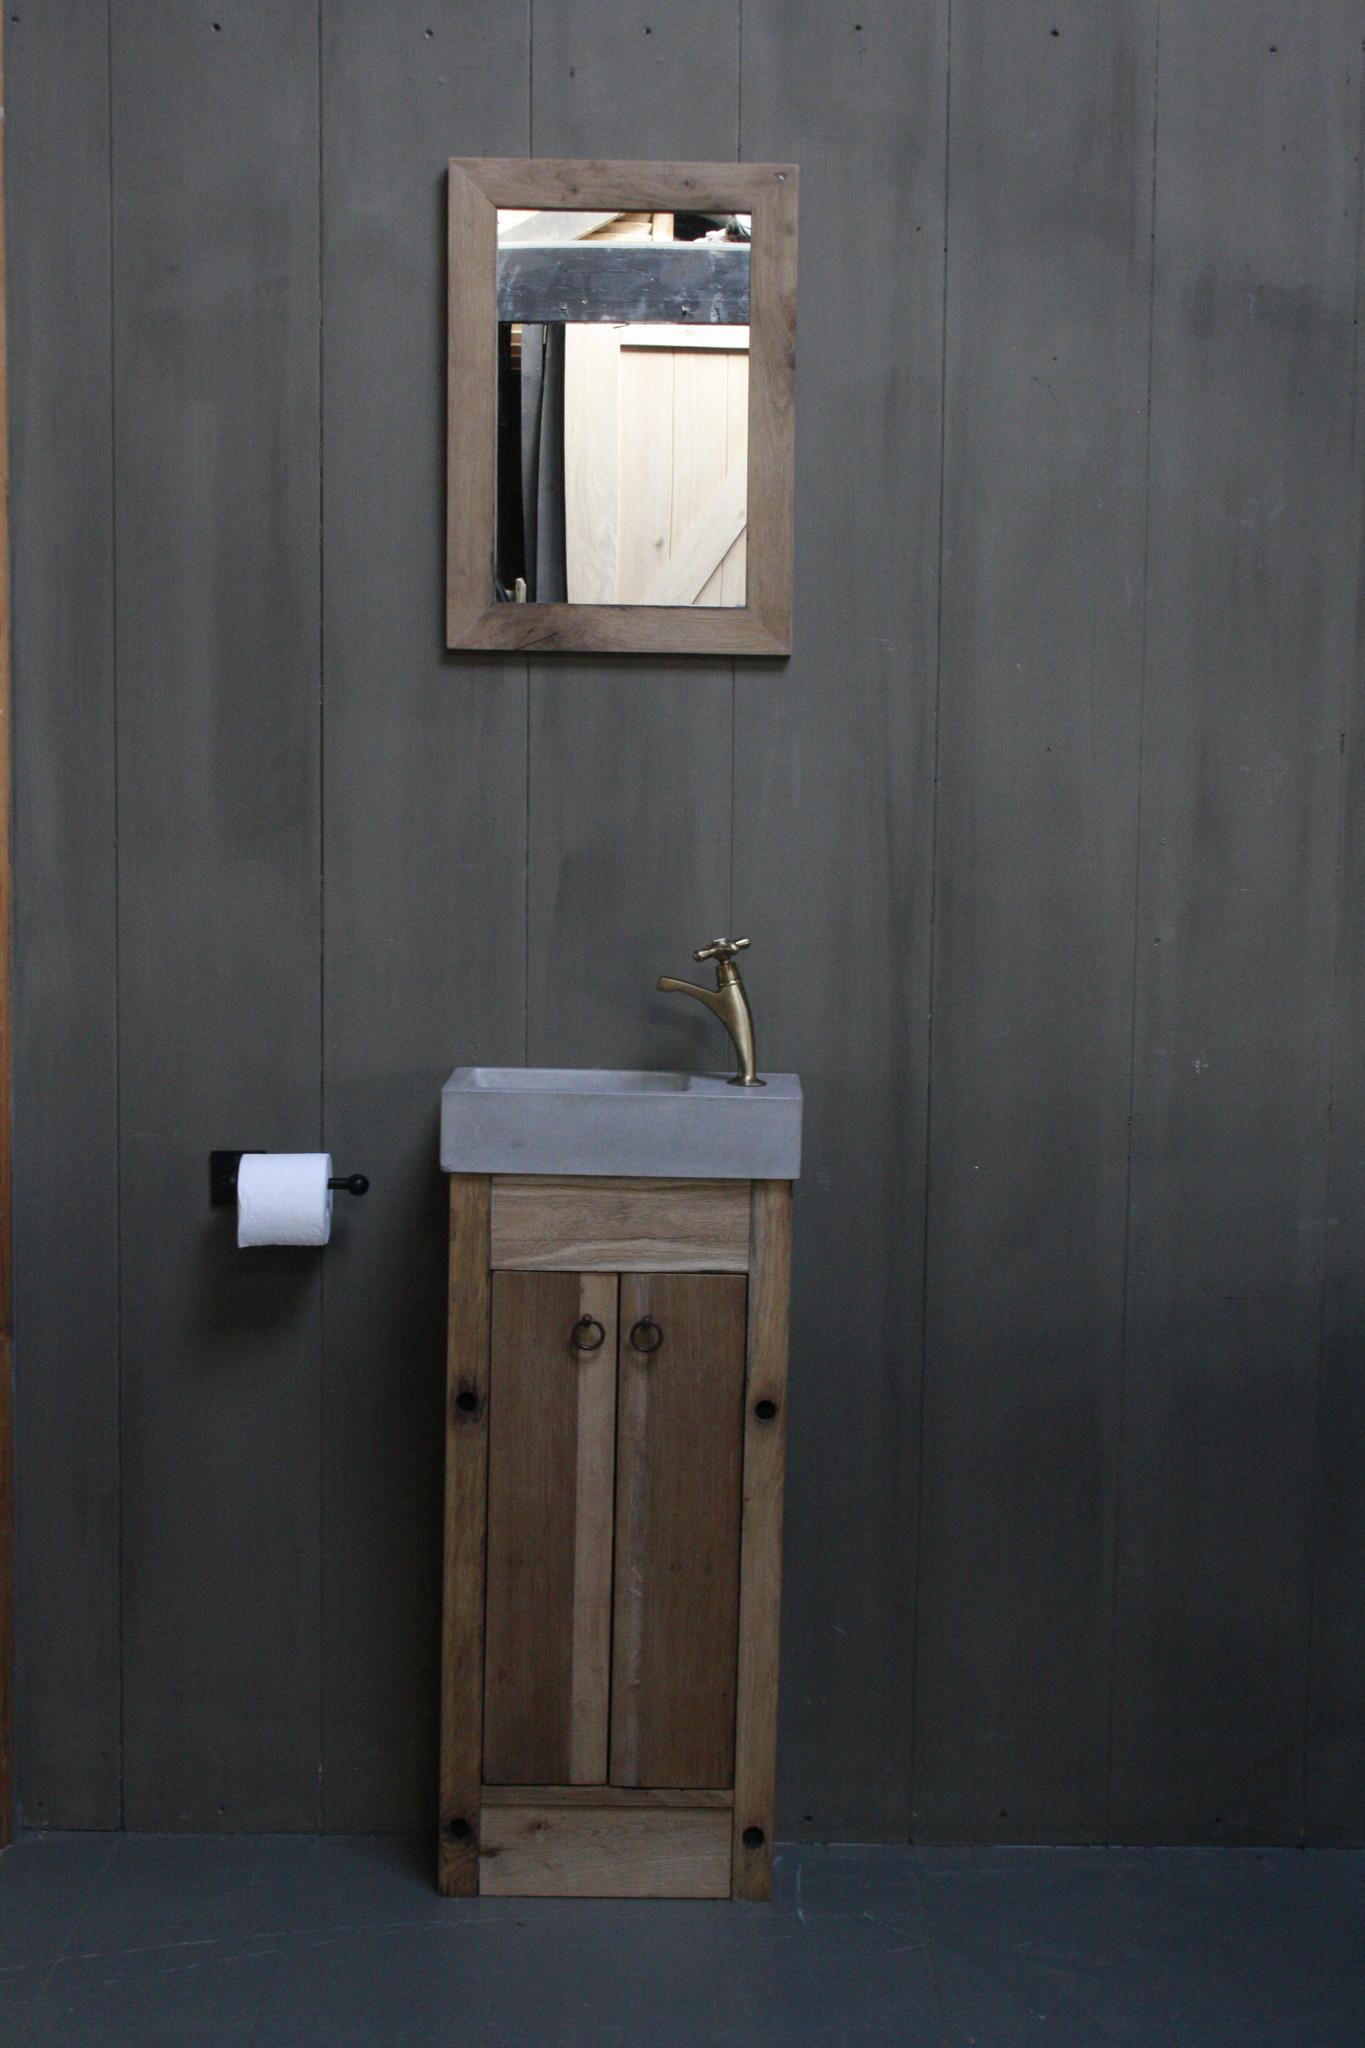 Eikenhouten toiletspiegel Light 53 x 38 cm-1